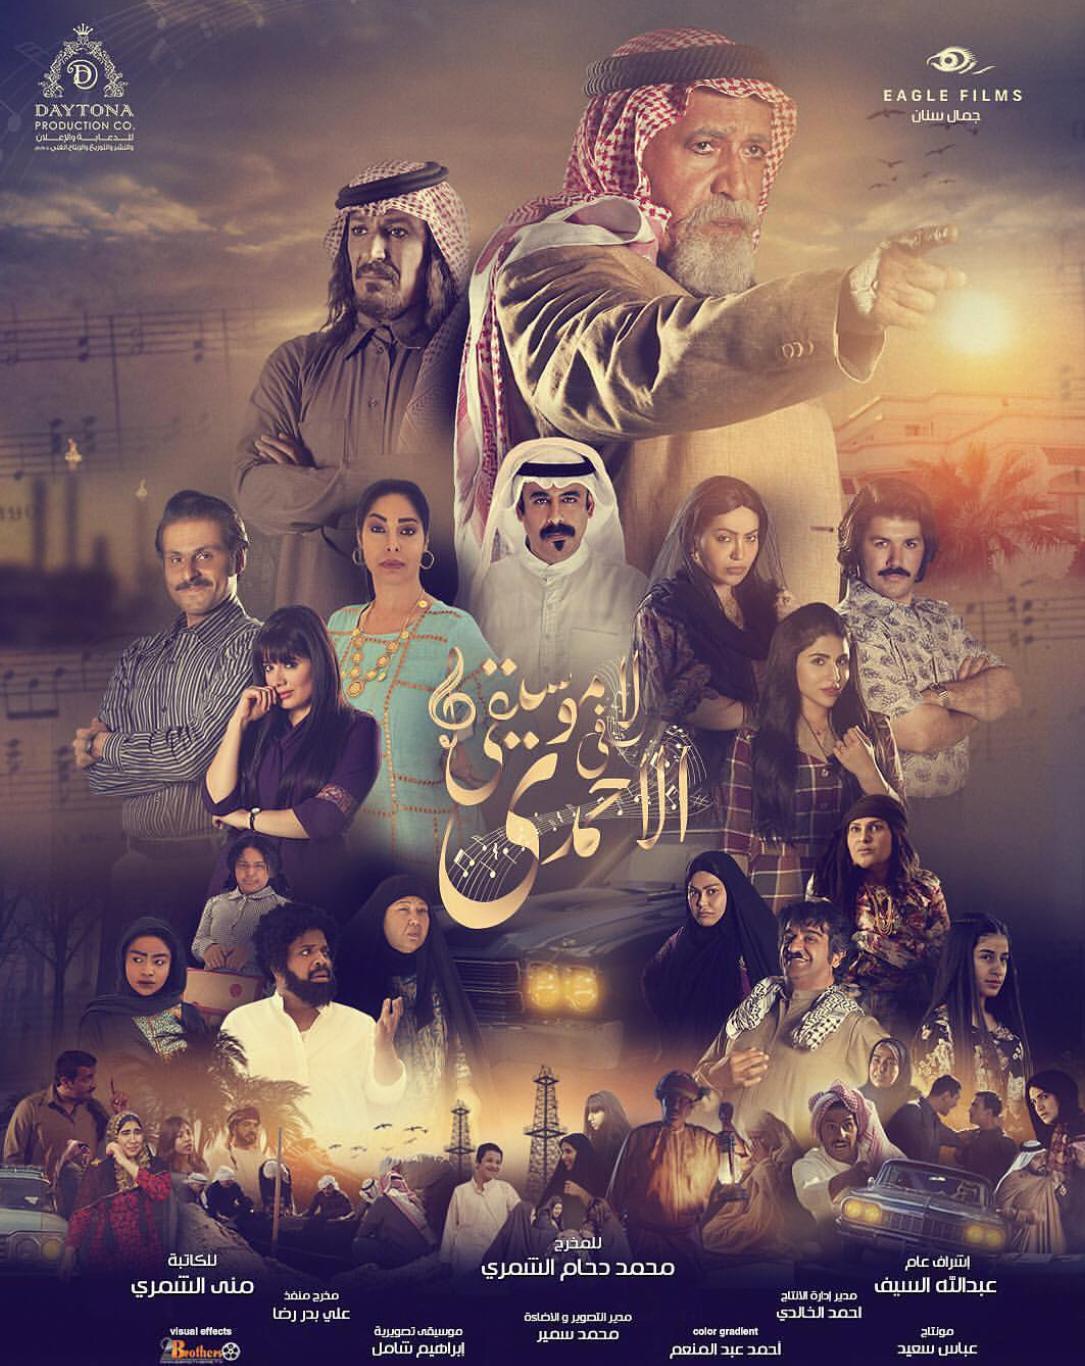 صور أبطال ونجوم مسلسل لا موسيقى في الأحمدي رمضان 2019